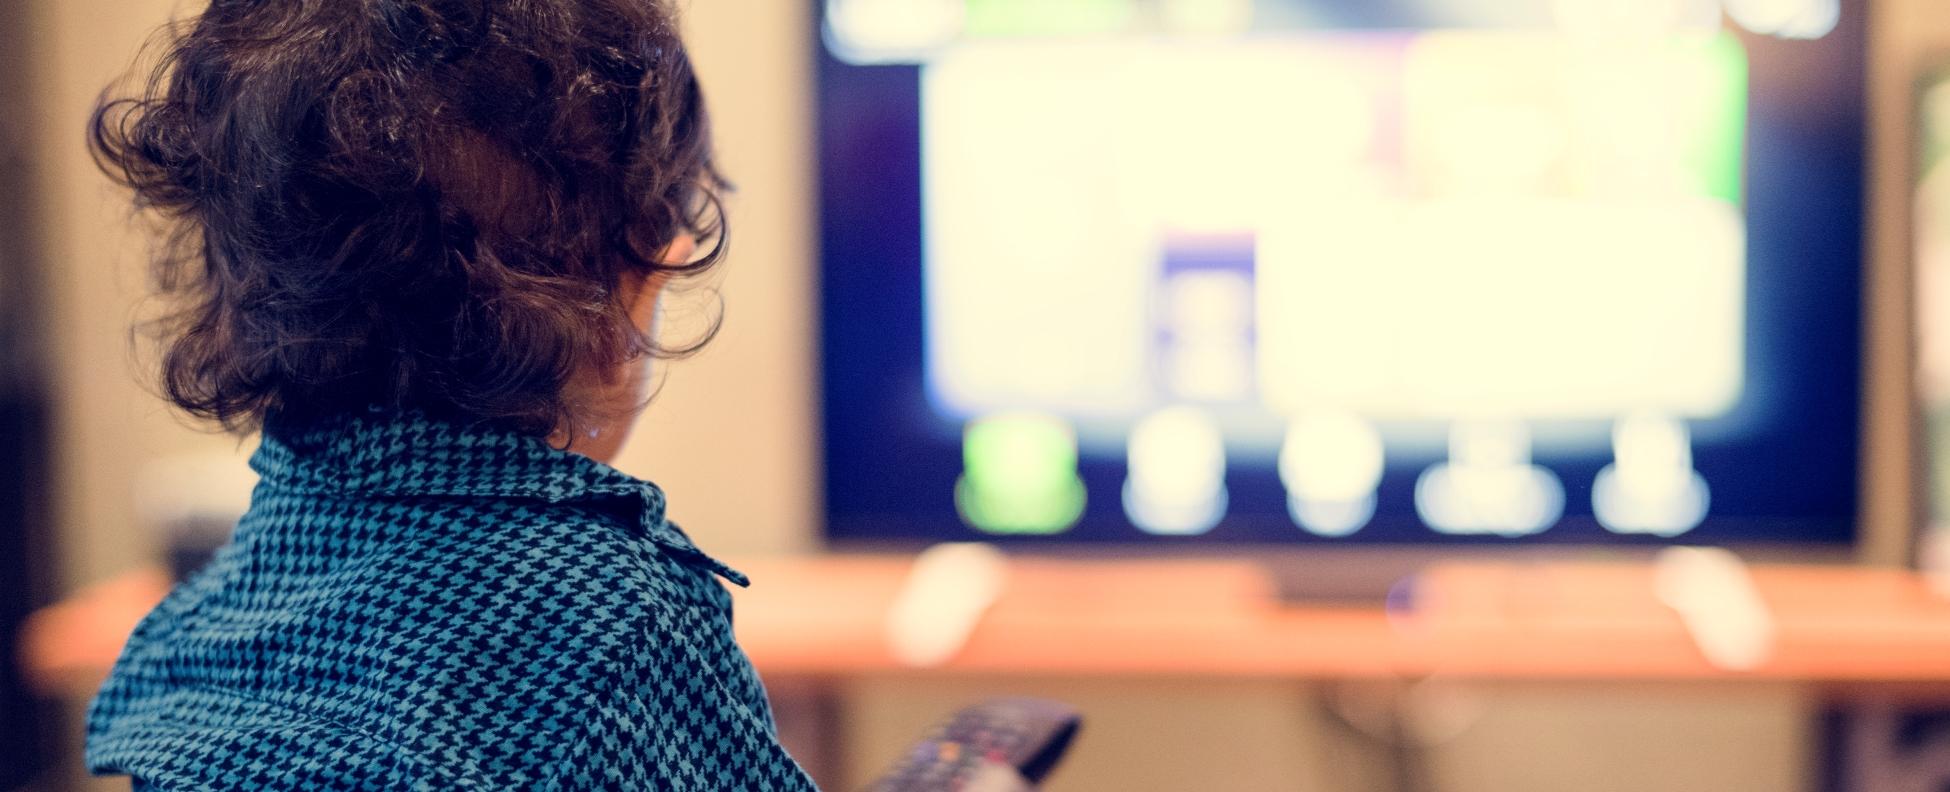 Kétéves koruk előtt ne nézzenek semmilyen képernyőt passzívan a gyerekek